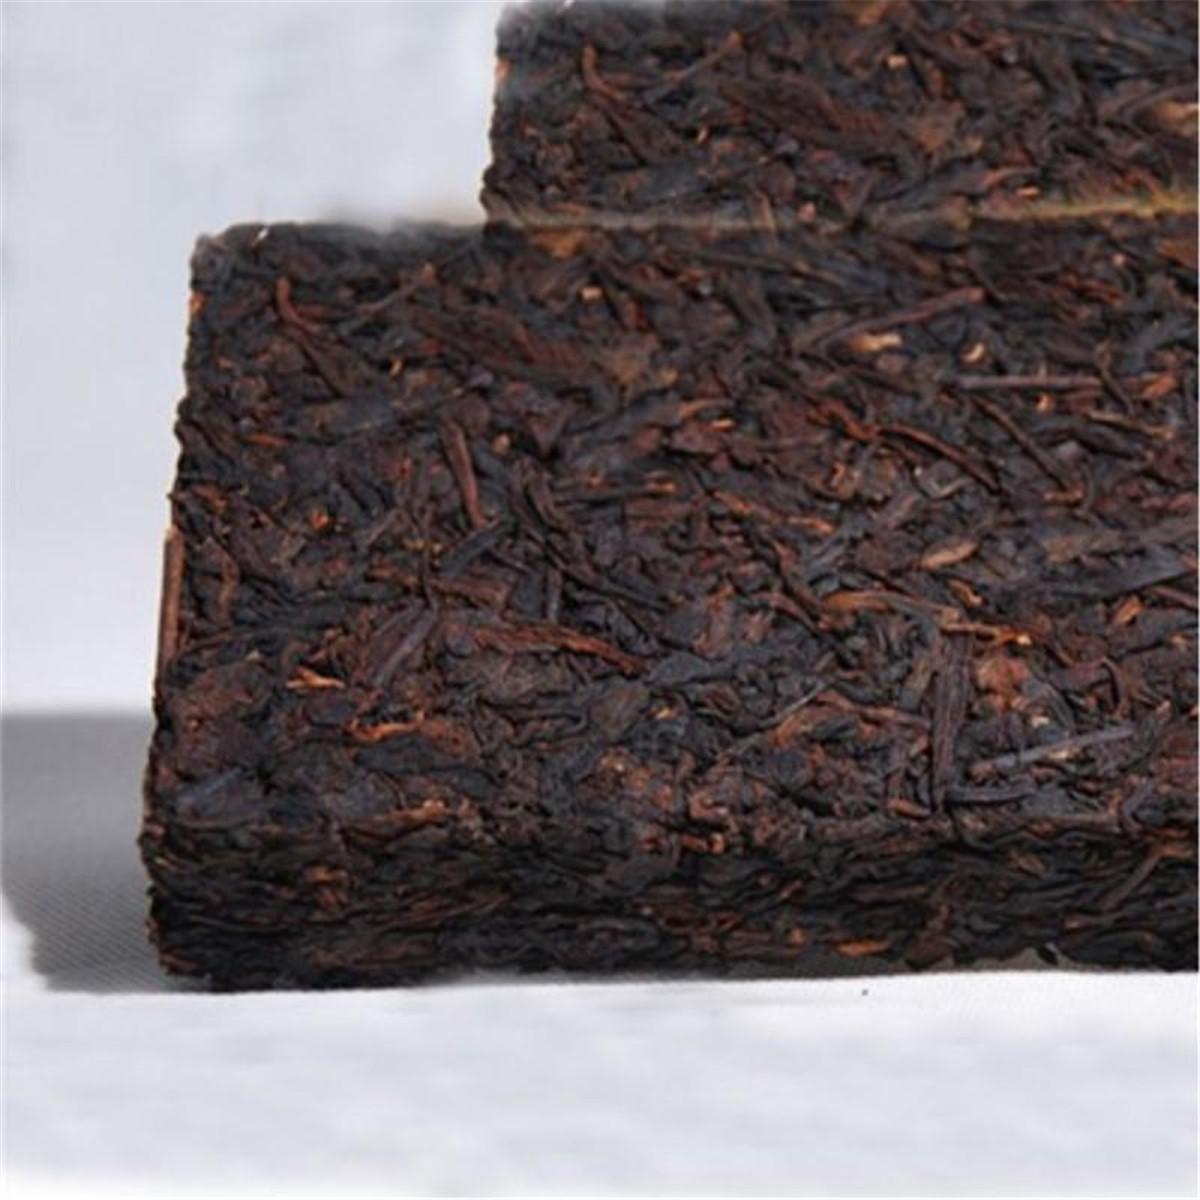 250g de Yunnan hecho a mano Presionado antiguo árbol maduro de Puer ladrillo cocido natural orgánico de preferencia Puer Té Negro de árbol viejo de Puer